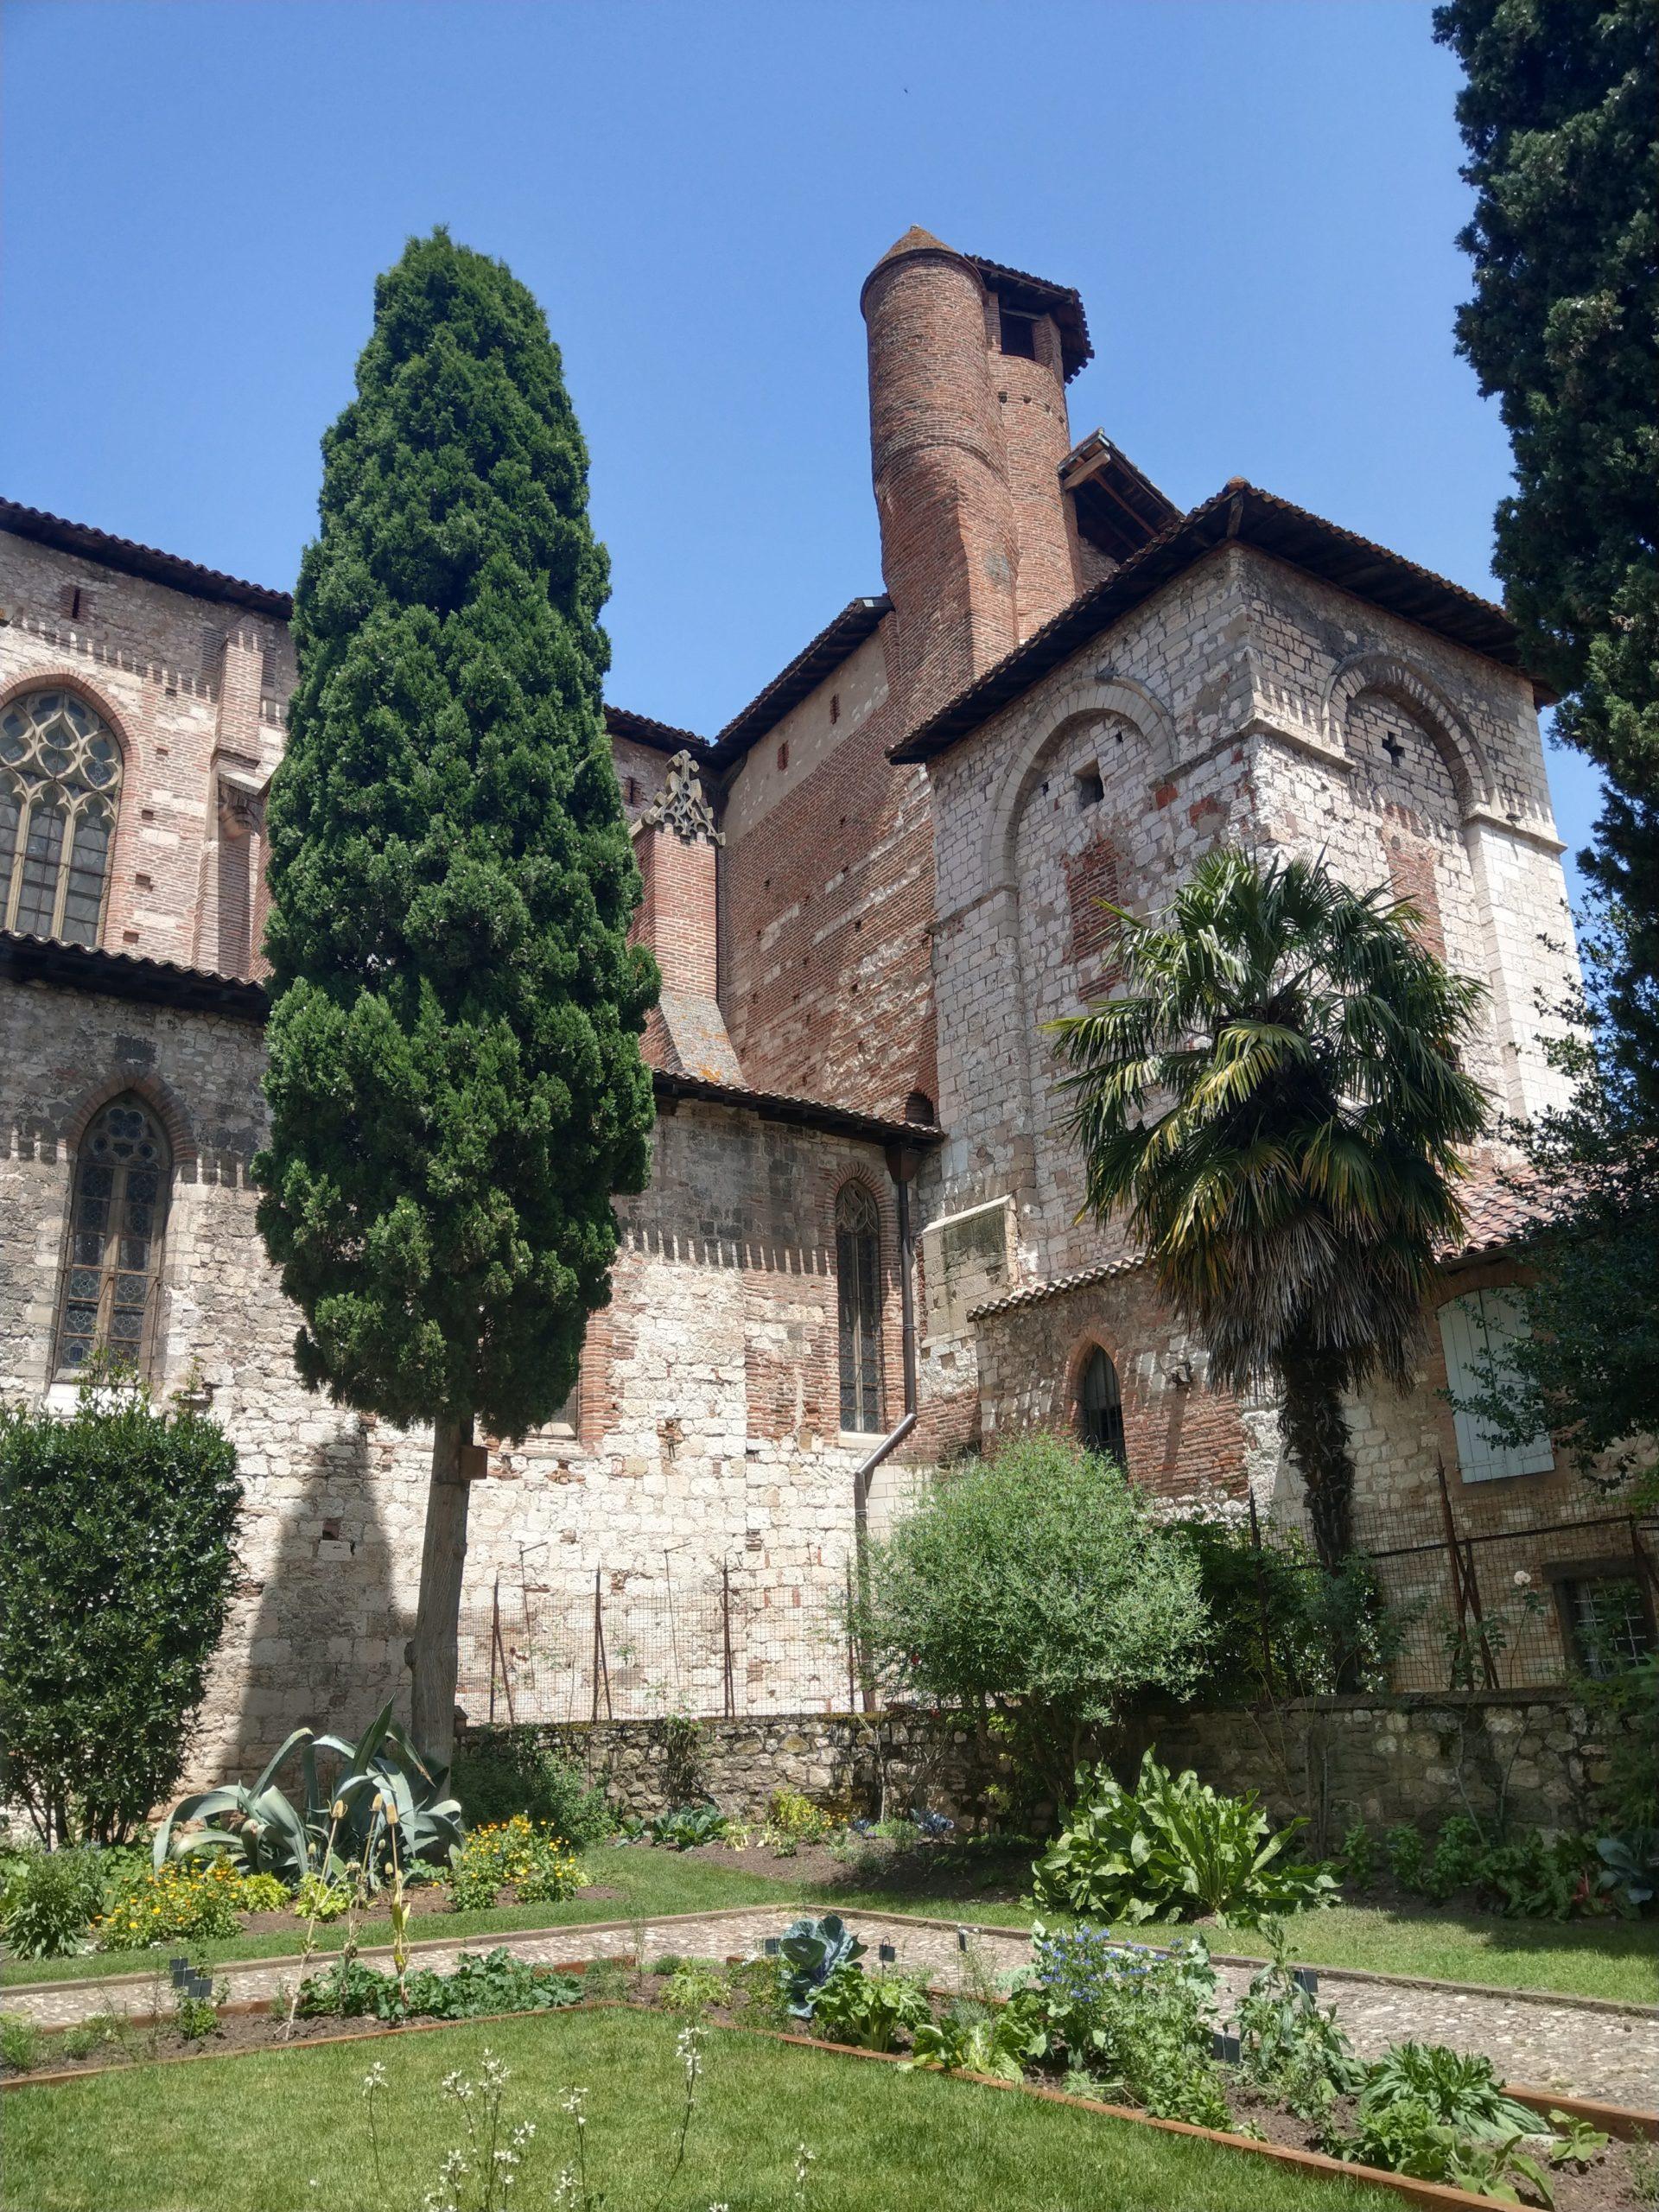 La cour intérieur de la Collégiale Saint-Salvi d'Albi